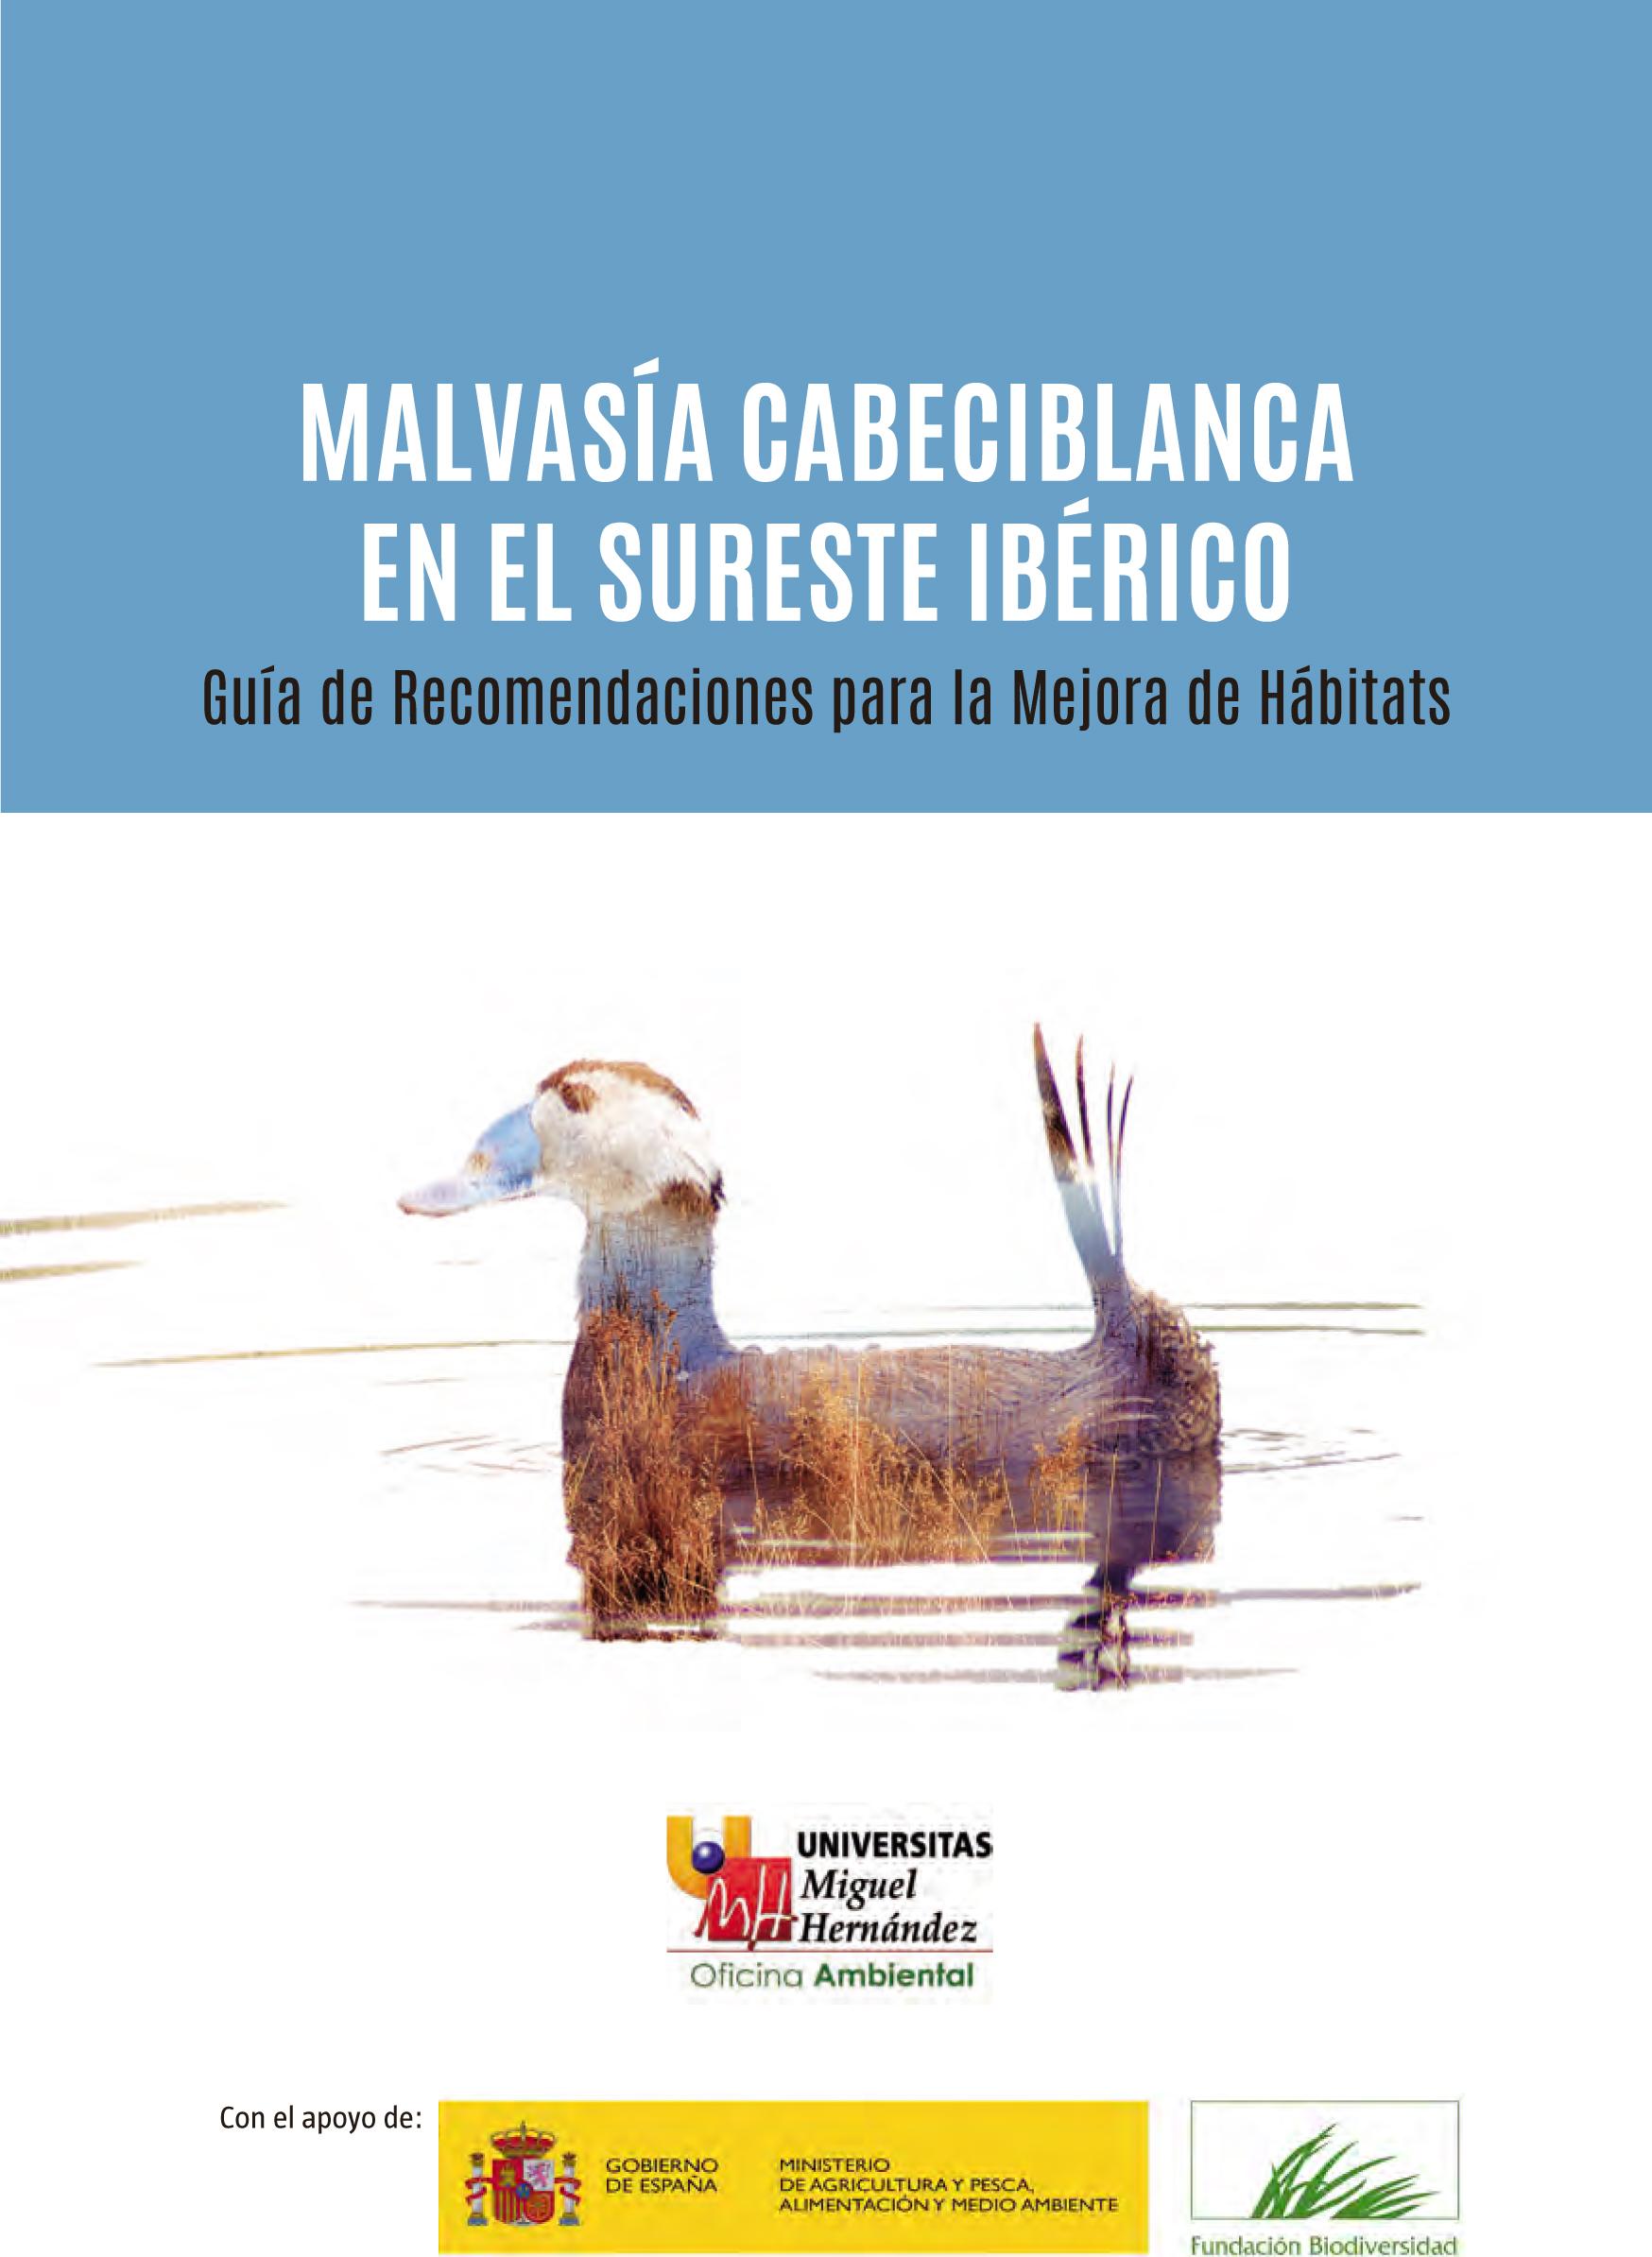 Portada de la Guía de Recomendaciones para la Mejora de Hábitats de la Malvasía Cabeciblanca en el Sureste Ibérico, de la UMH